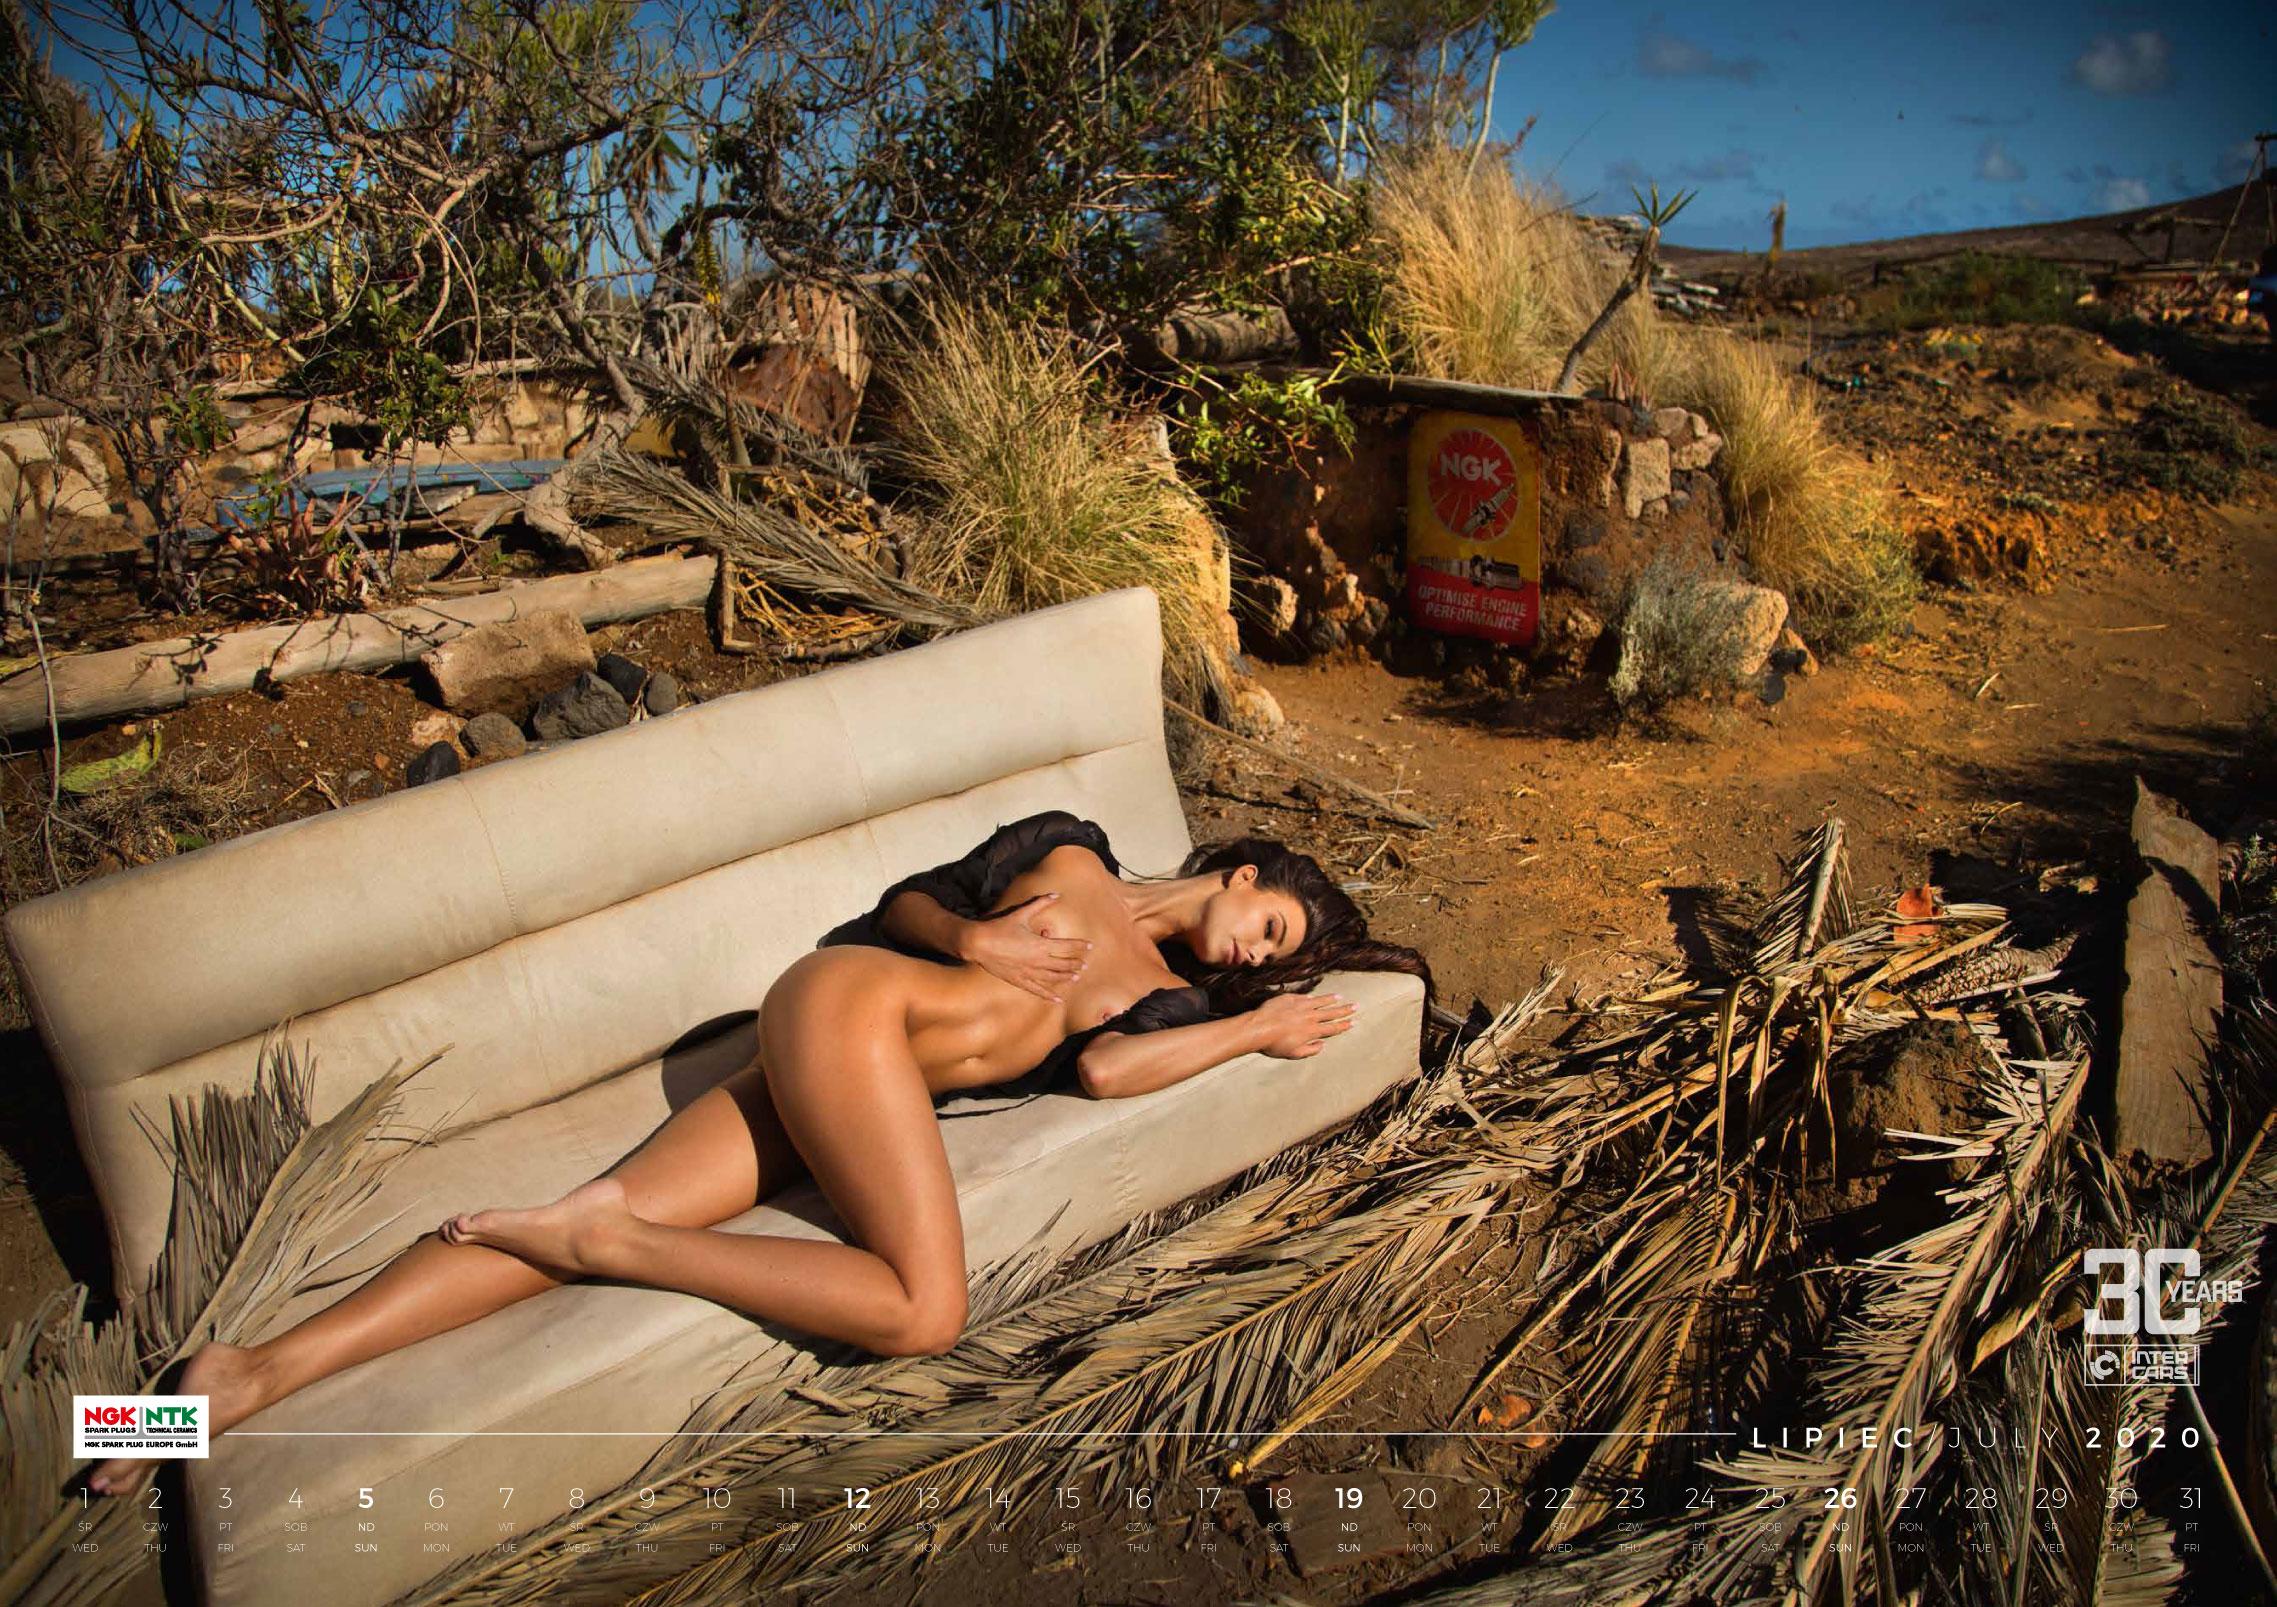 Сексуальные фотомодели в эротическом календаре Inter Cars 2020 / июль